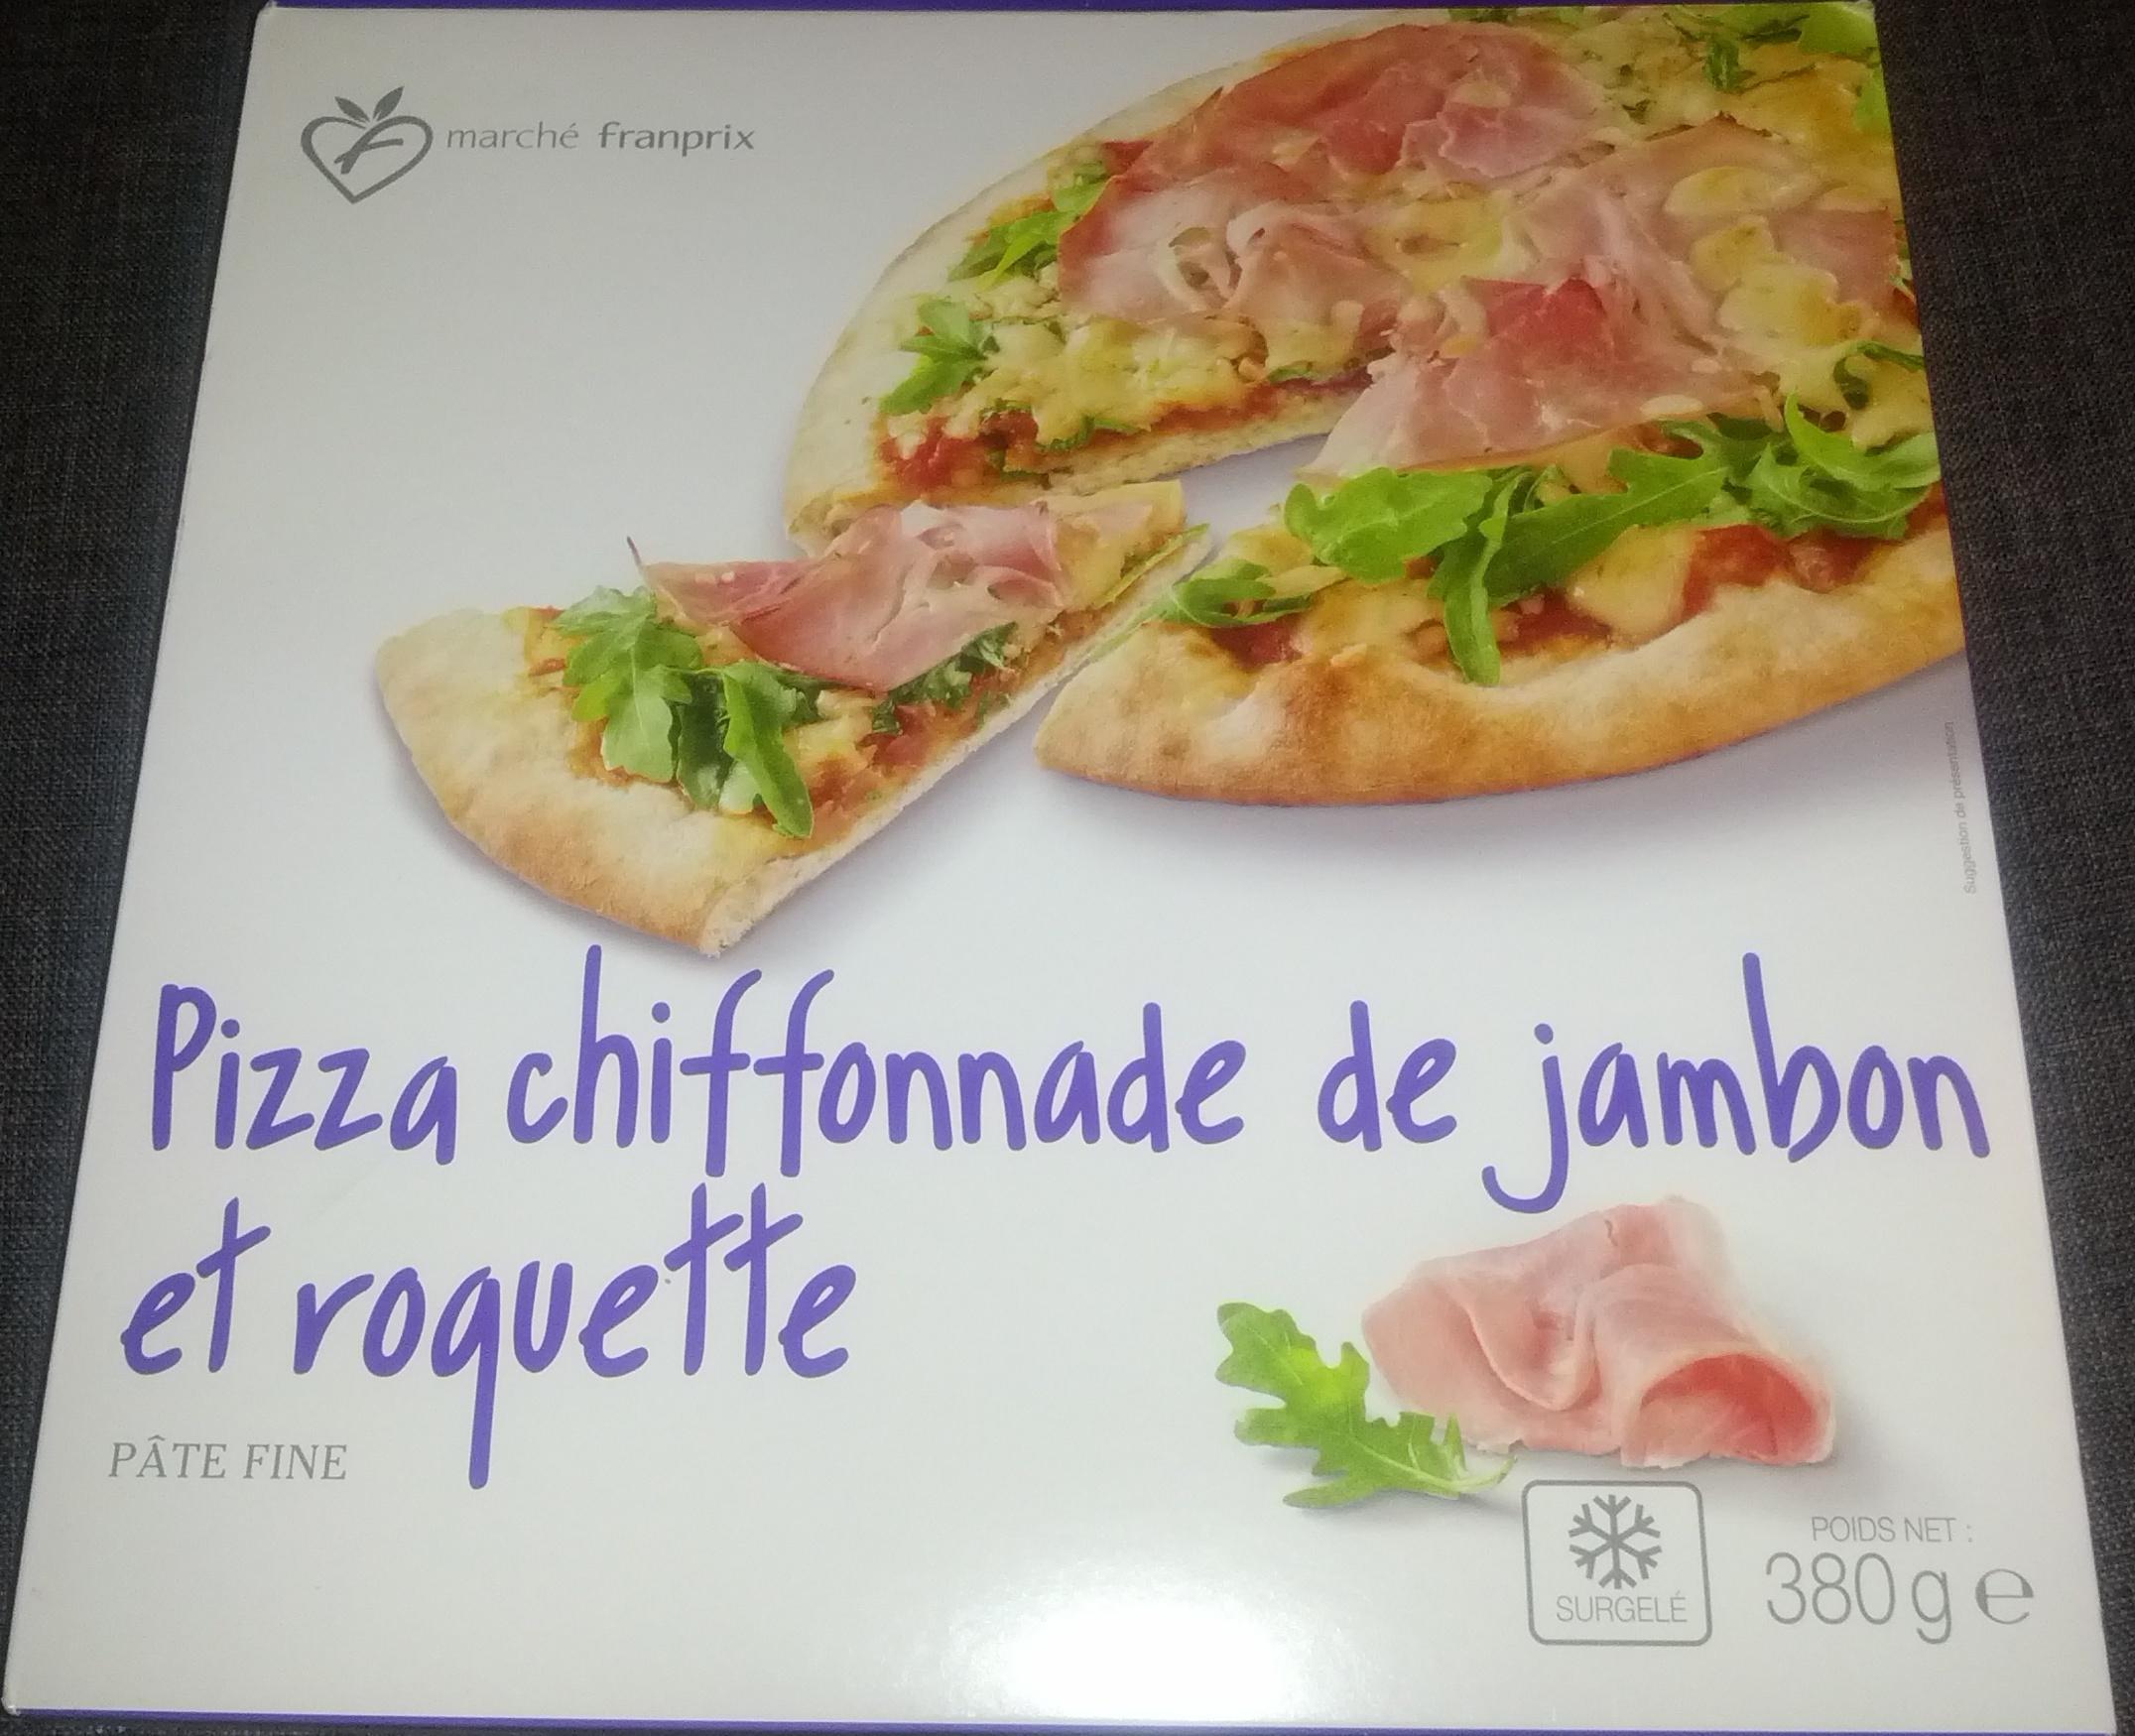 Pizza chiffonnade de jambon et roquette, Surgelé - Produit - fr